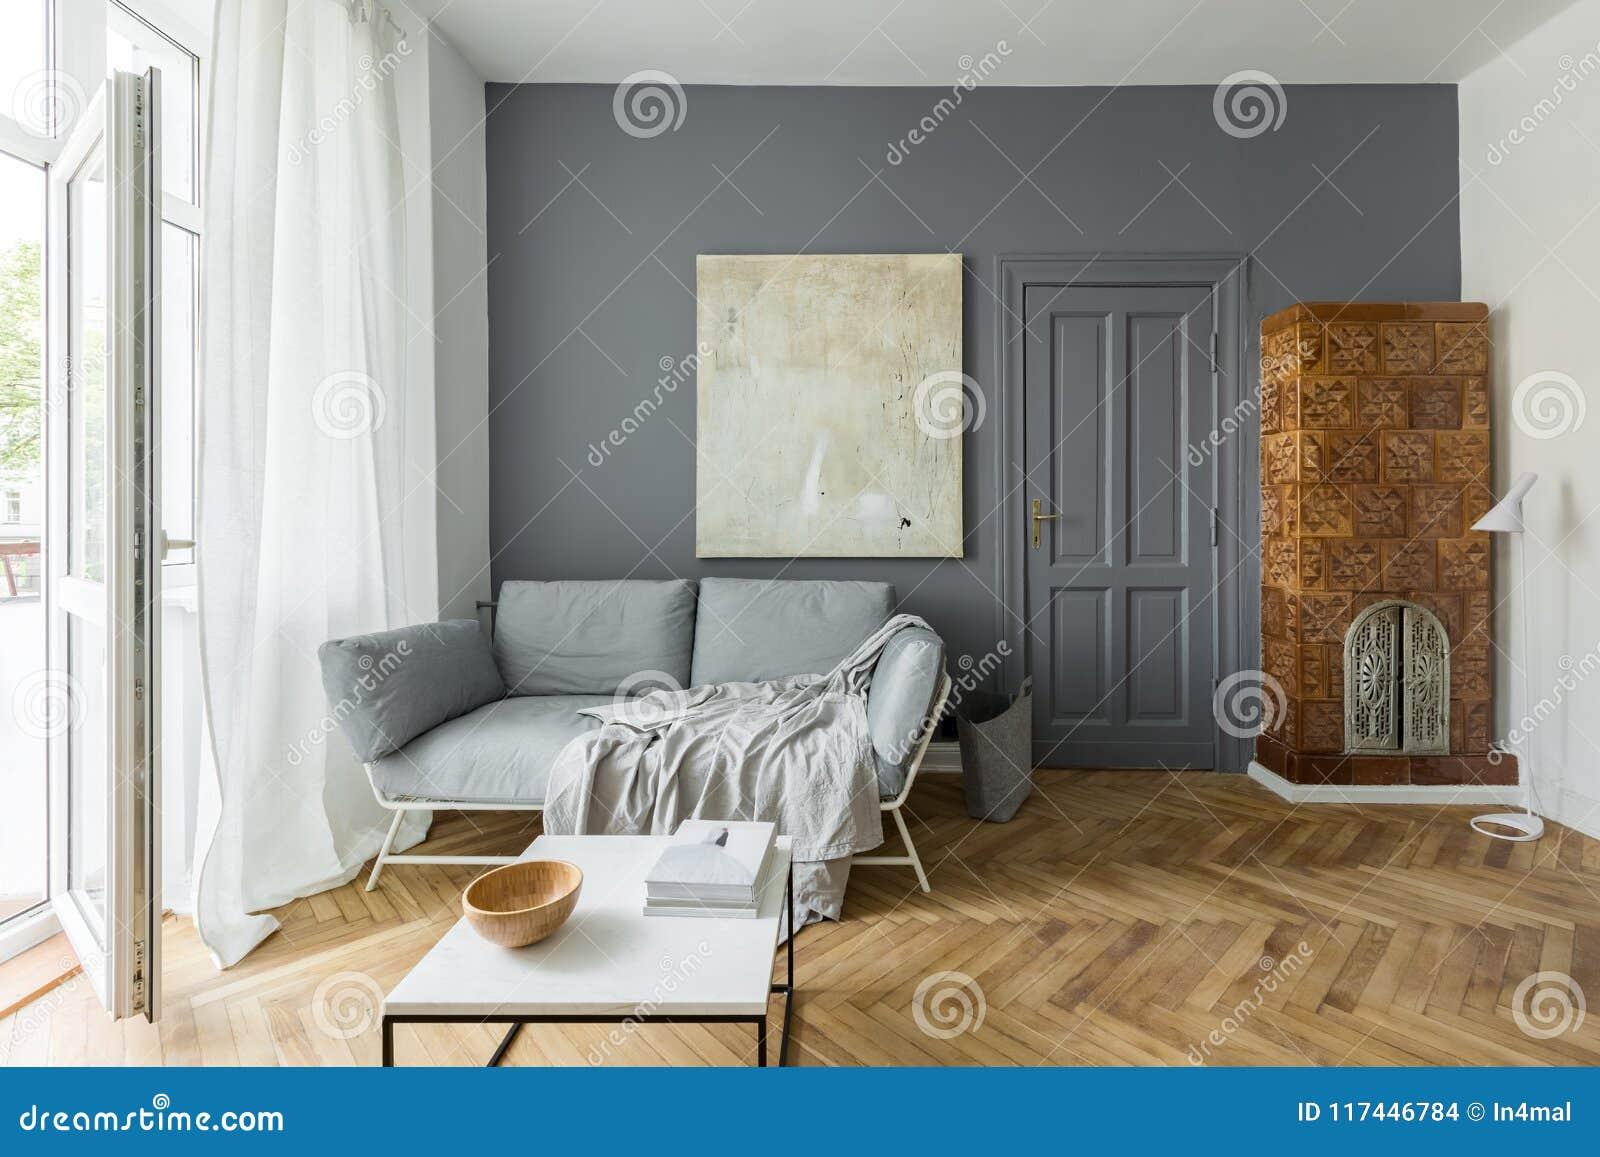 Wohnzimmer mit mit Ziegeln gedecktem Ofen